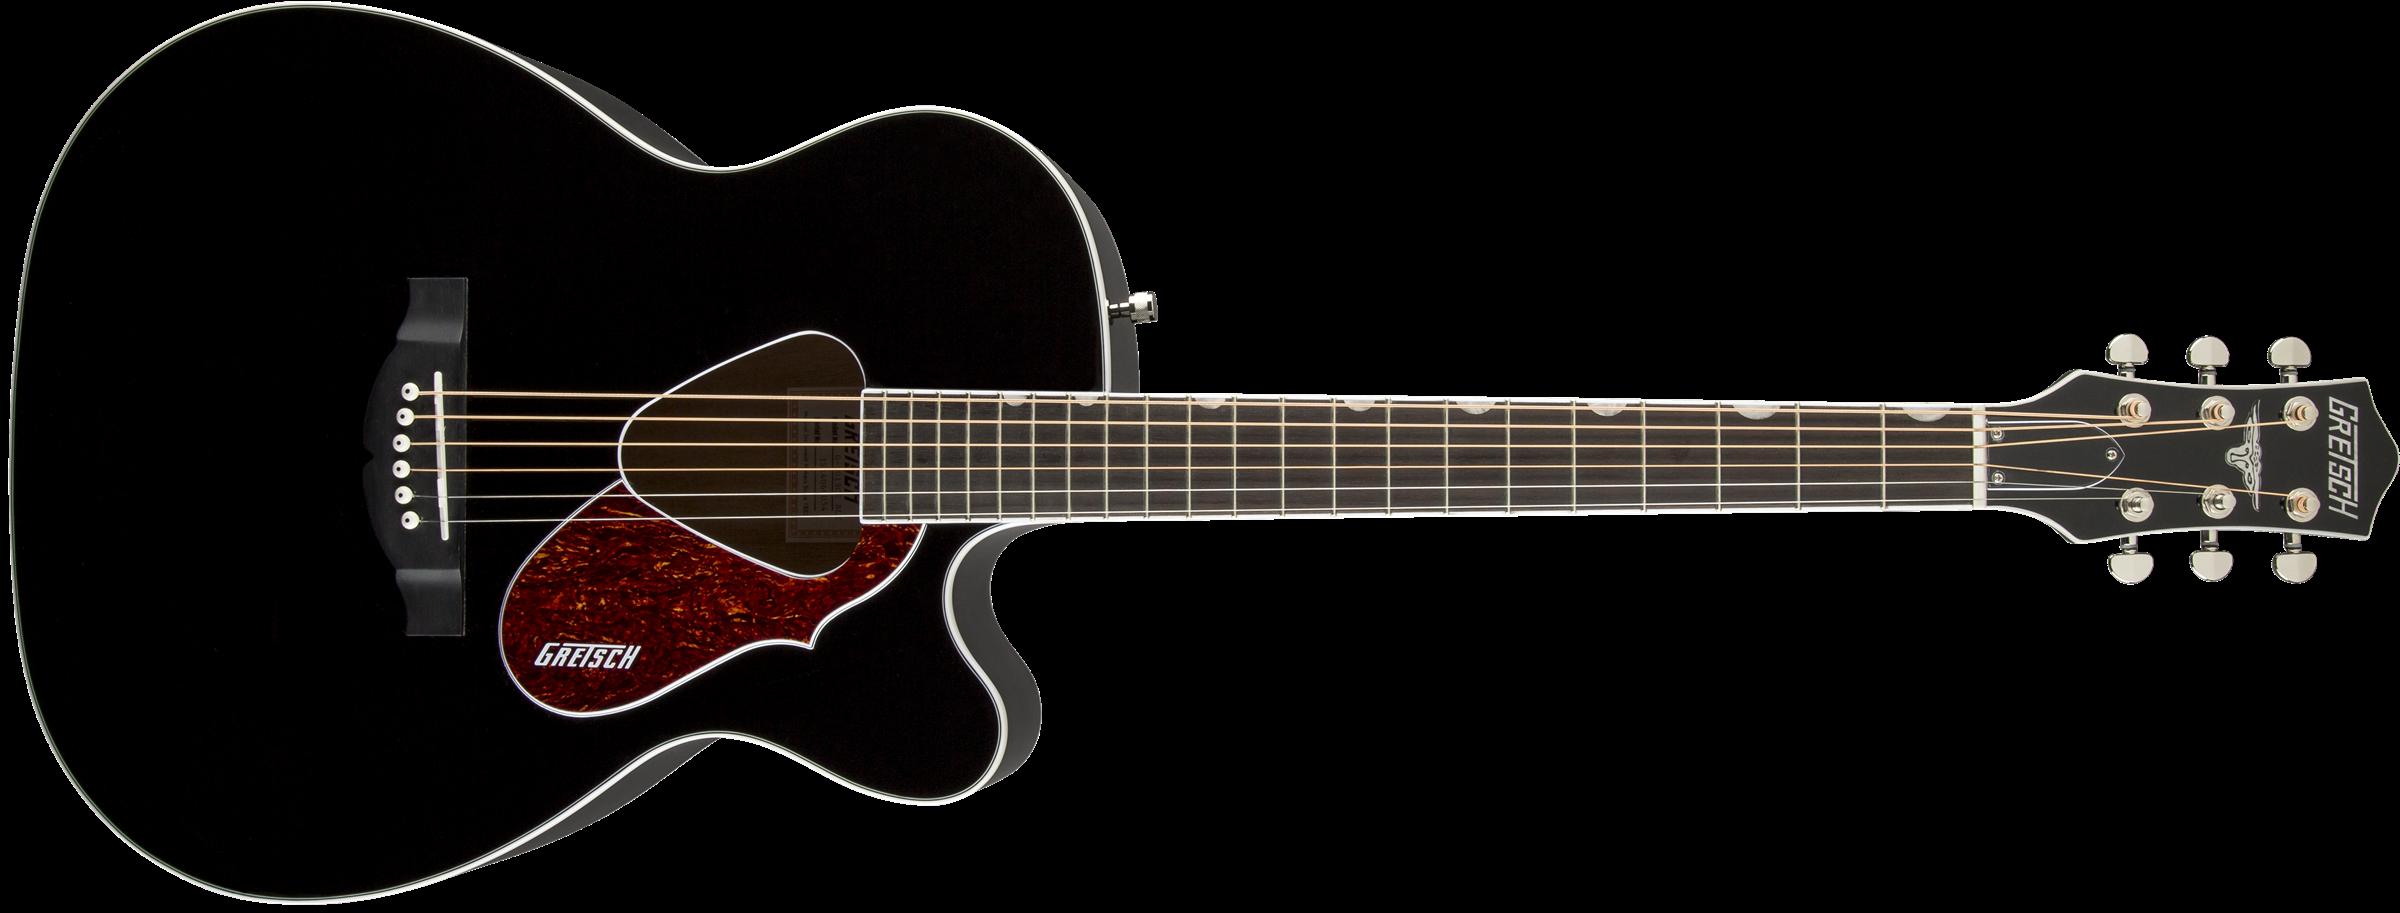 Acoustic Guitar G5013ce Rancher Jr Cutaway Acoustic